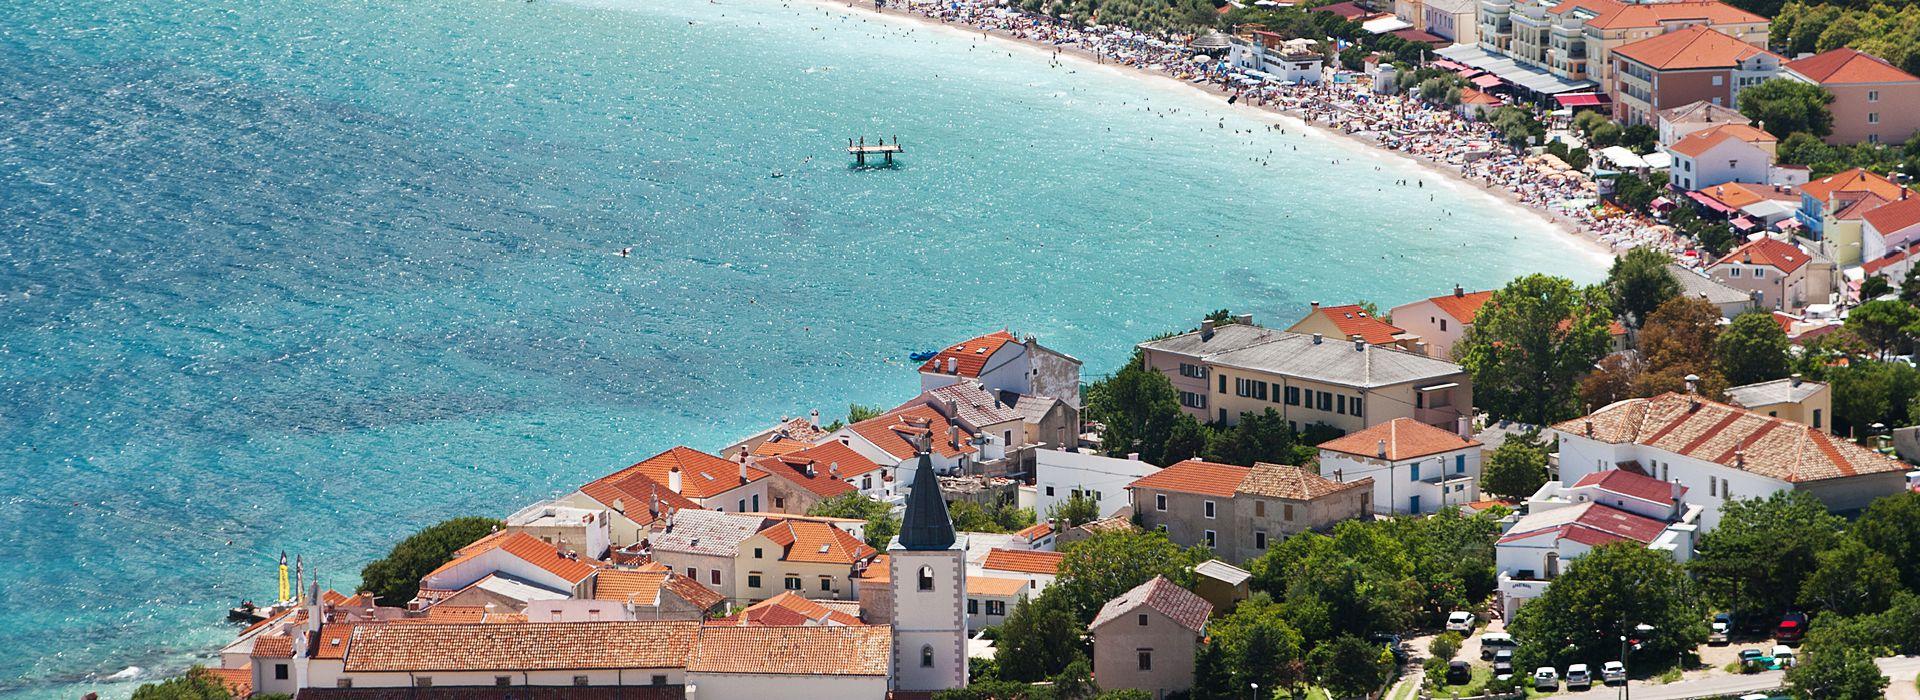 Хорватия отдых на море Лучшие места с детьми Карта курортов отели фото отзывы цены туров